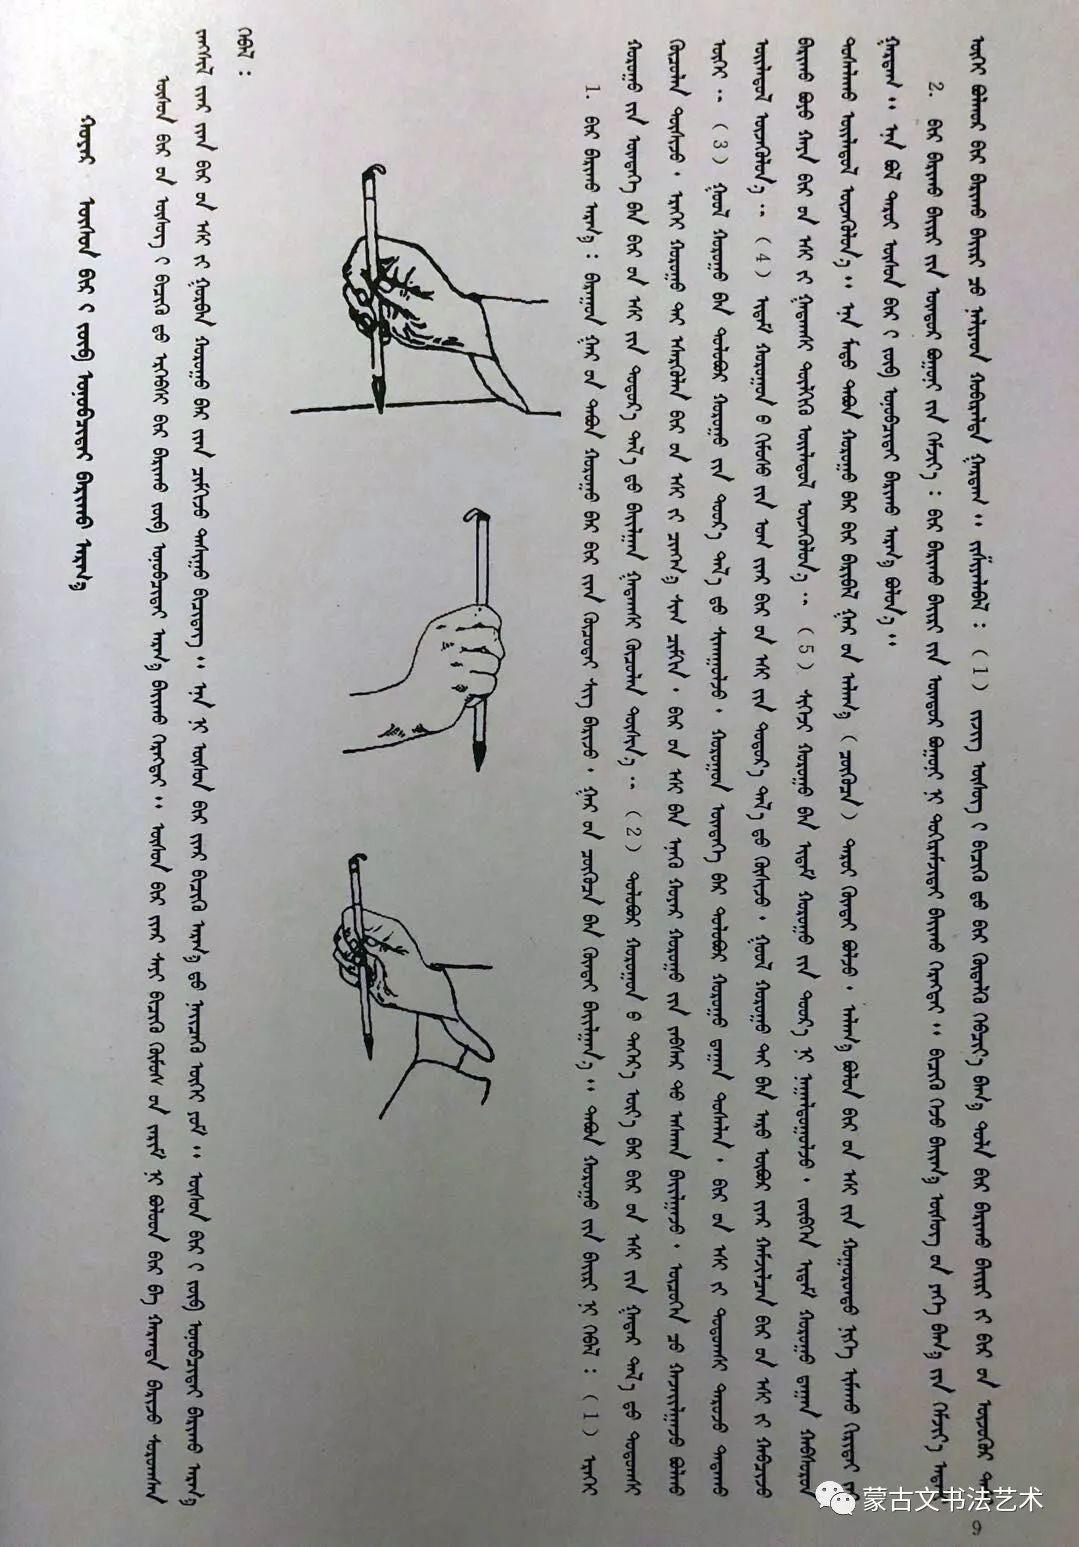 蒙古文书法导论 第6张